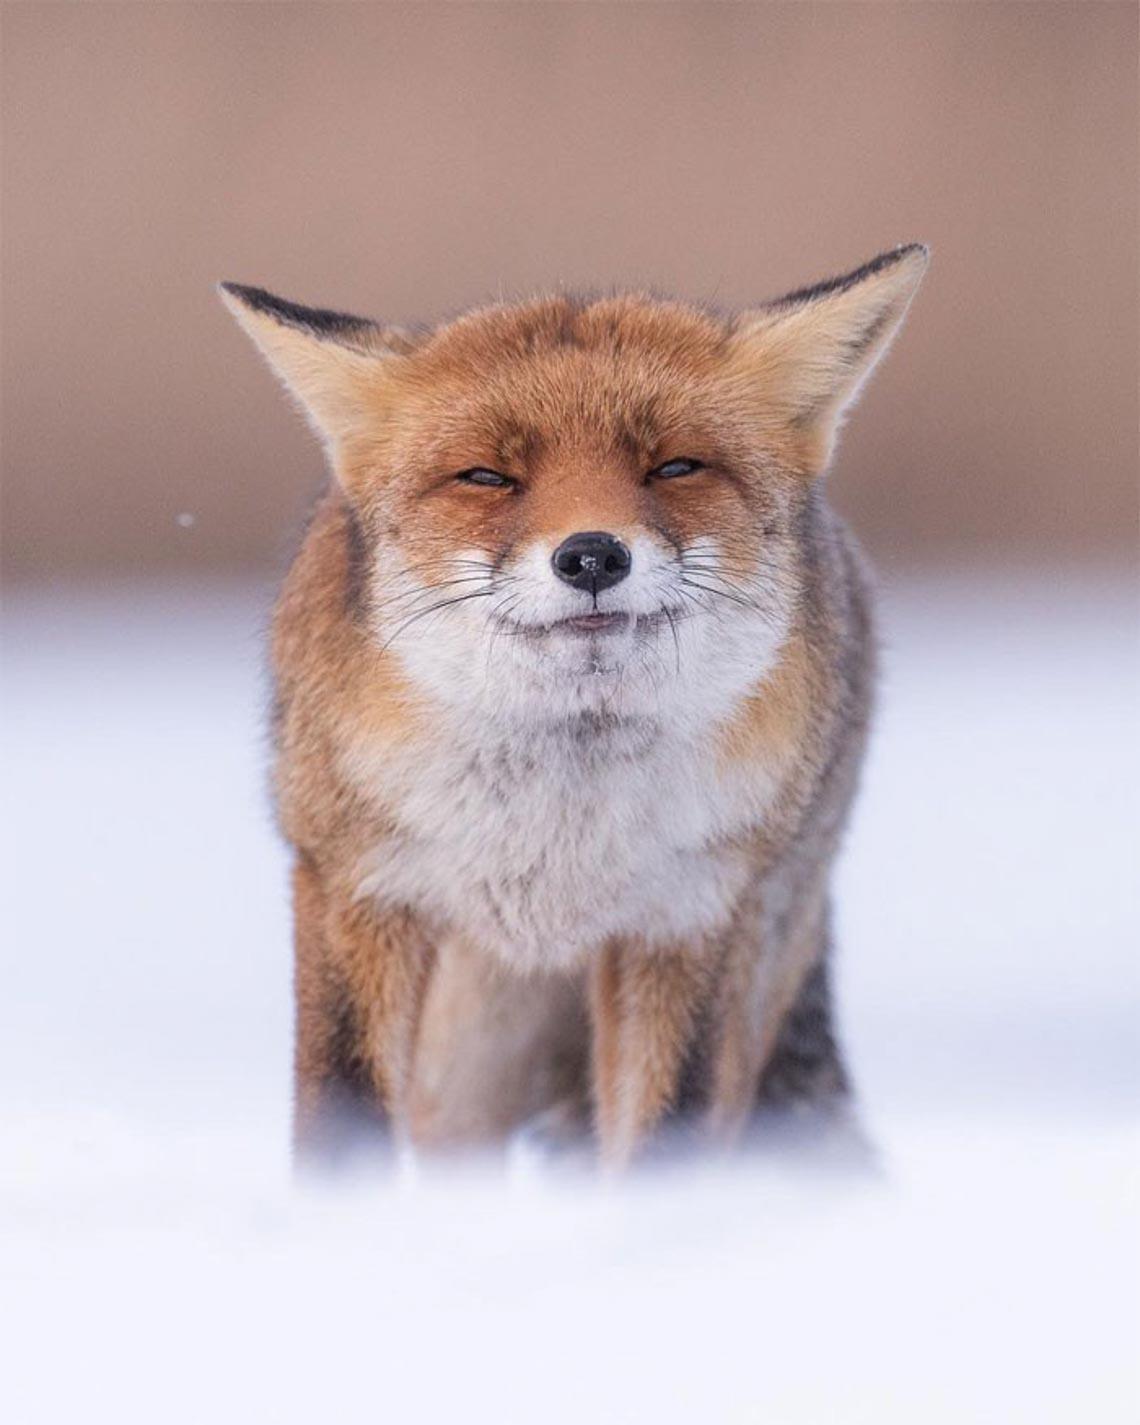 """Khoảnh khắc """"siêu dễ thương"""" của động vật khi không có ai xung quanh - 4"""